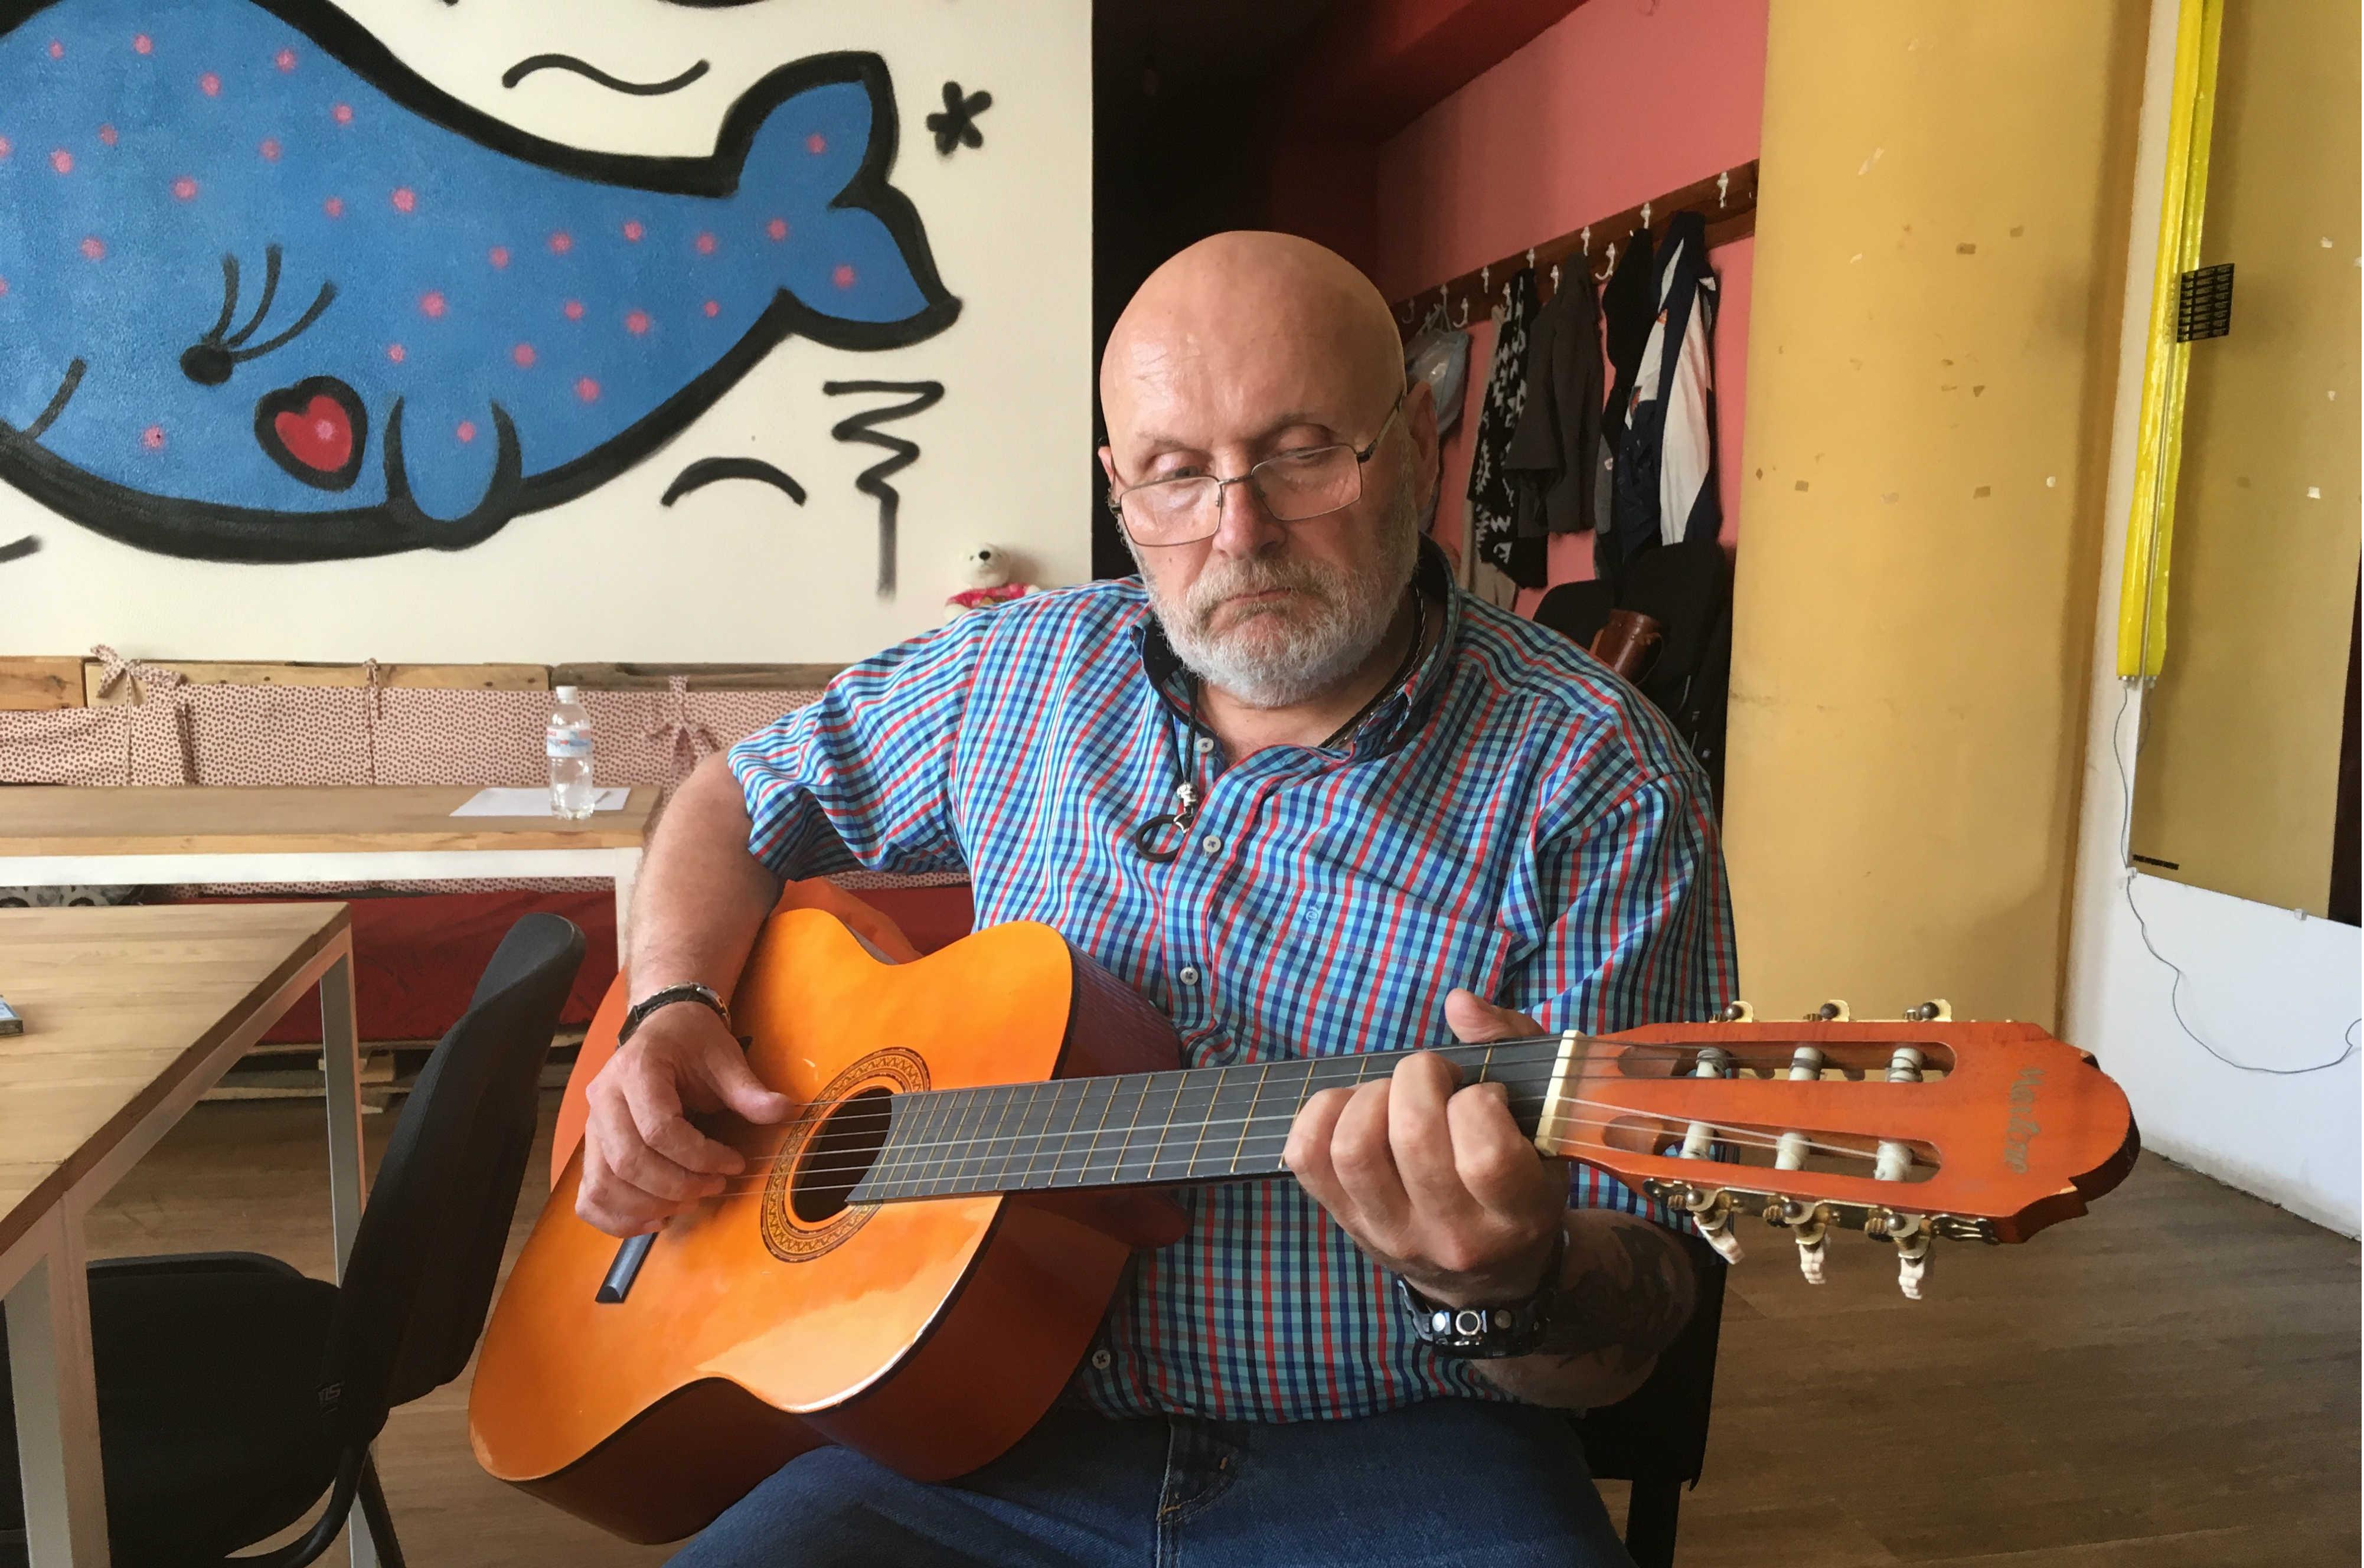 Игорь Стокоз играет на гитаре в обществнном центре Друзі в Константиновке (Фото Мелинды Хэринг)